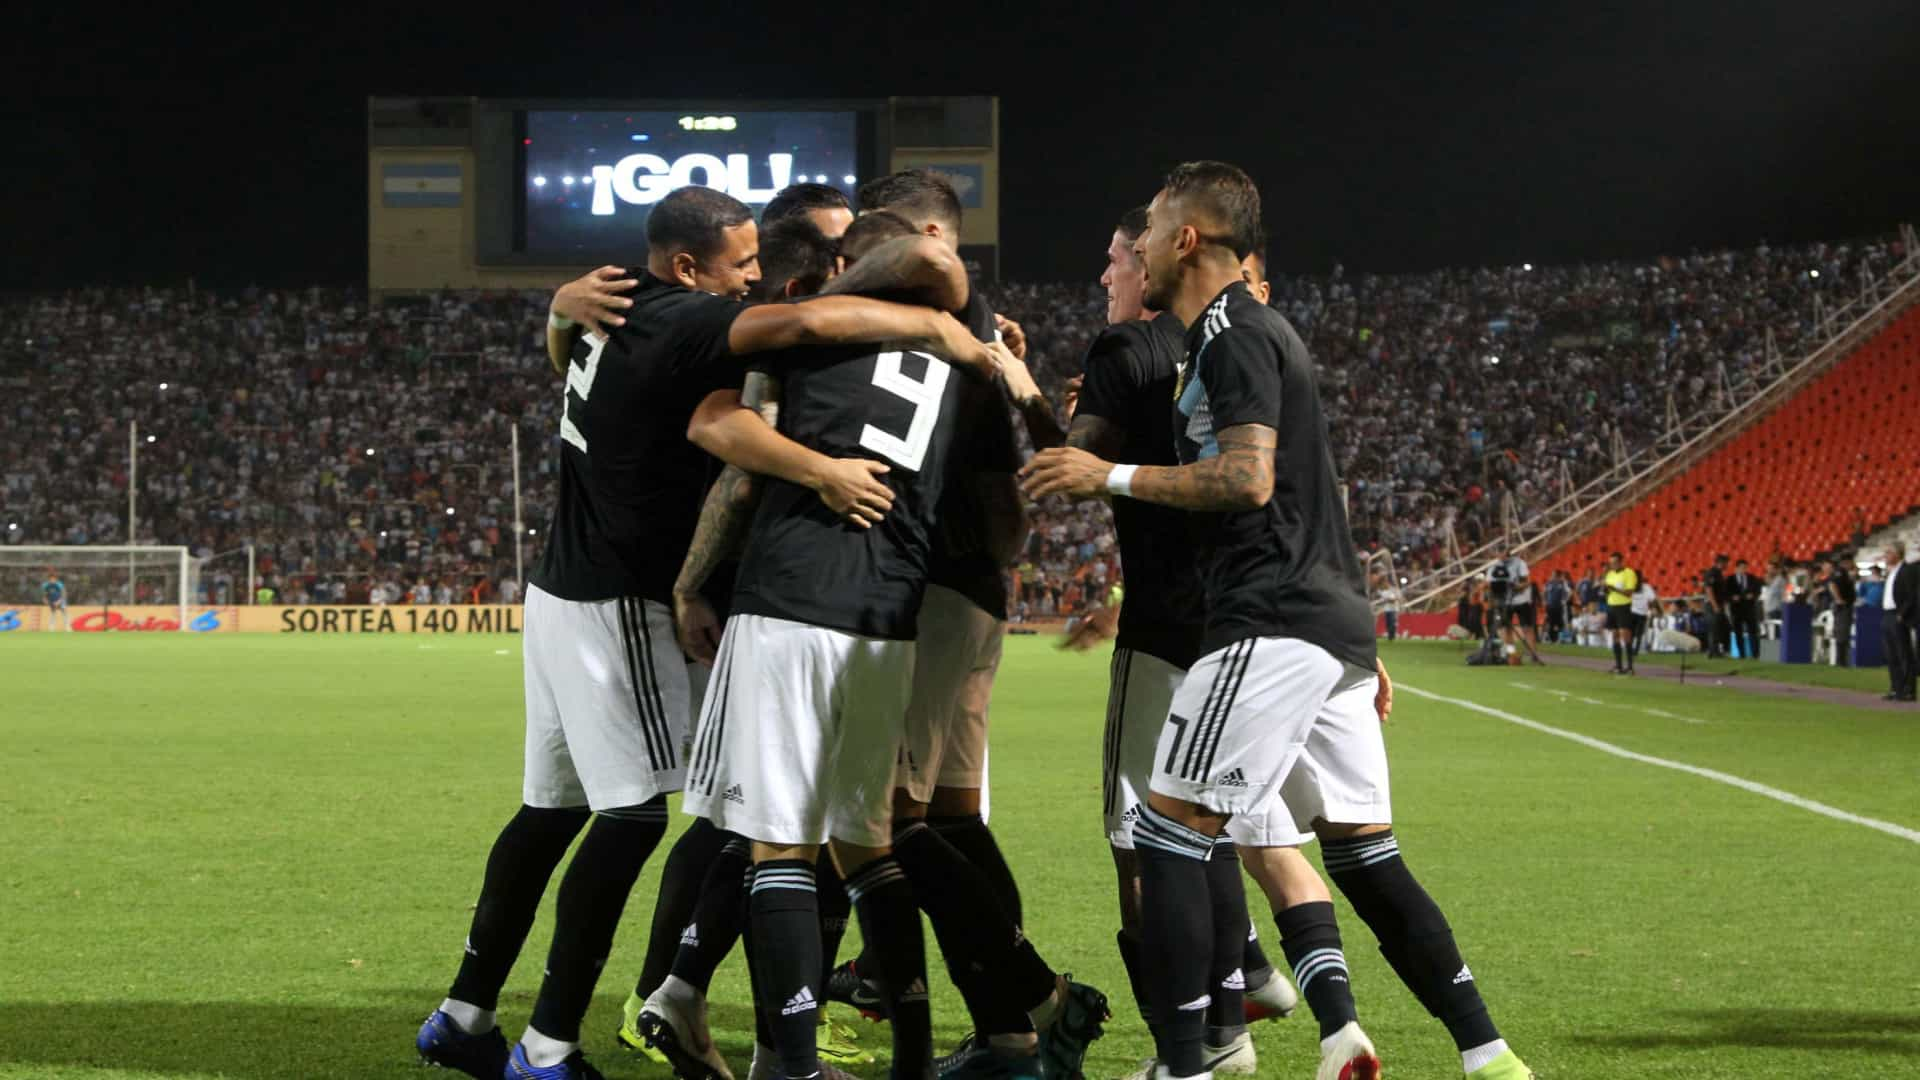 Seleção argentina esqueceu-se de jogador e só reparou... no estádio d6aecd0e81e69